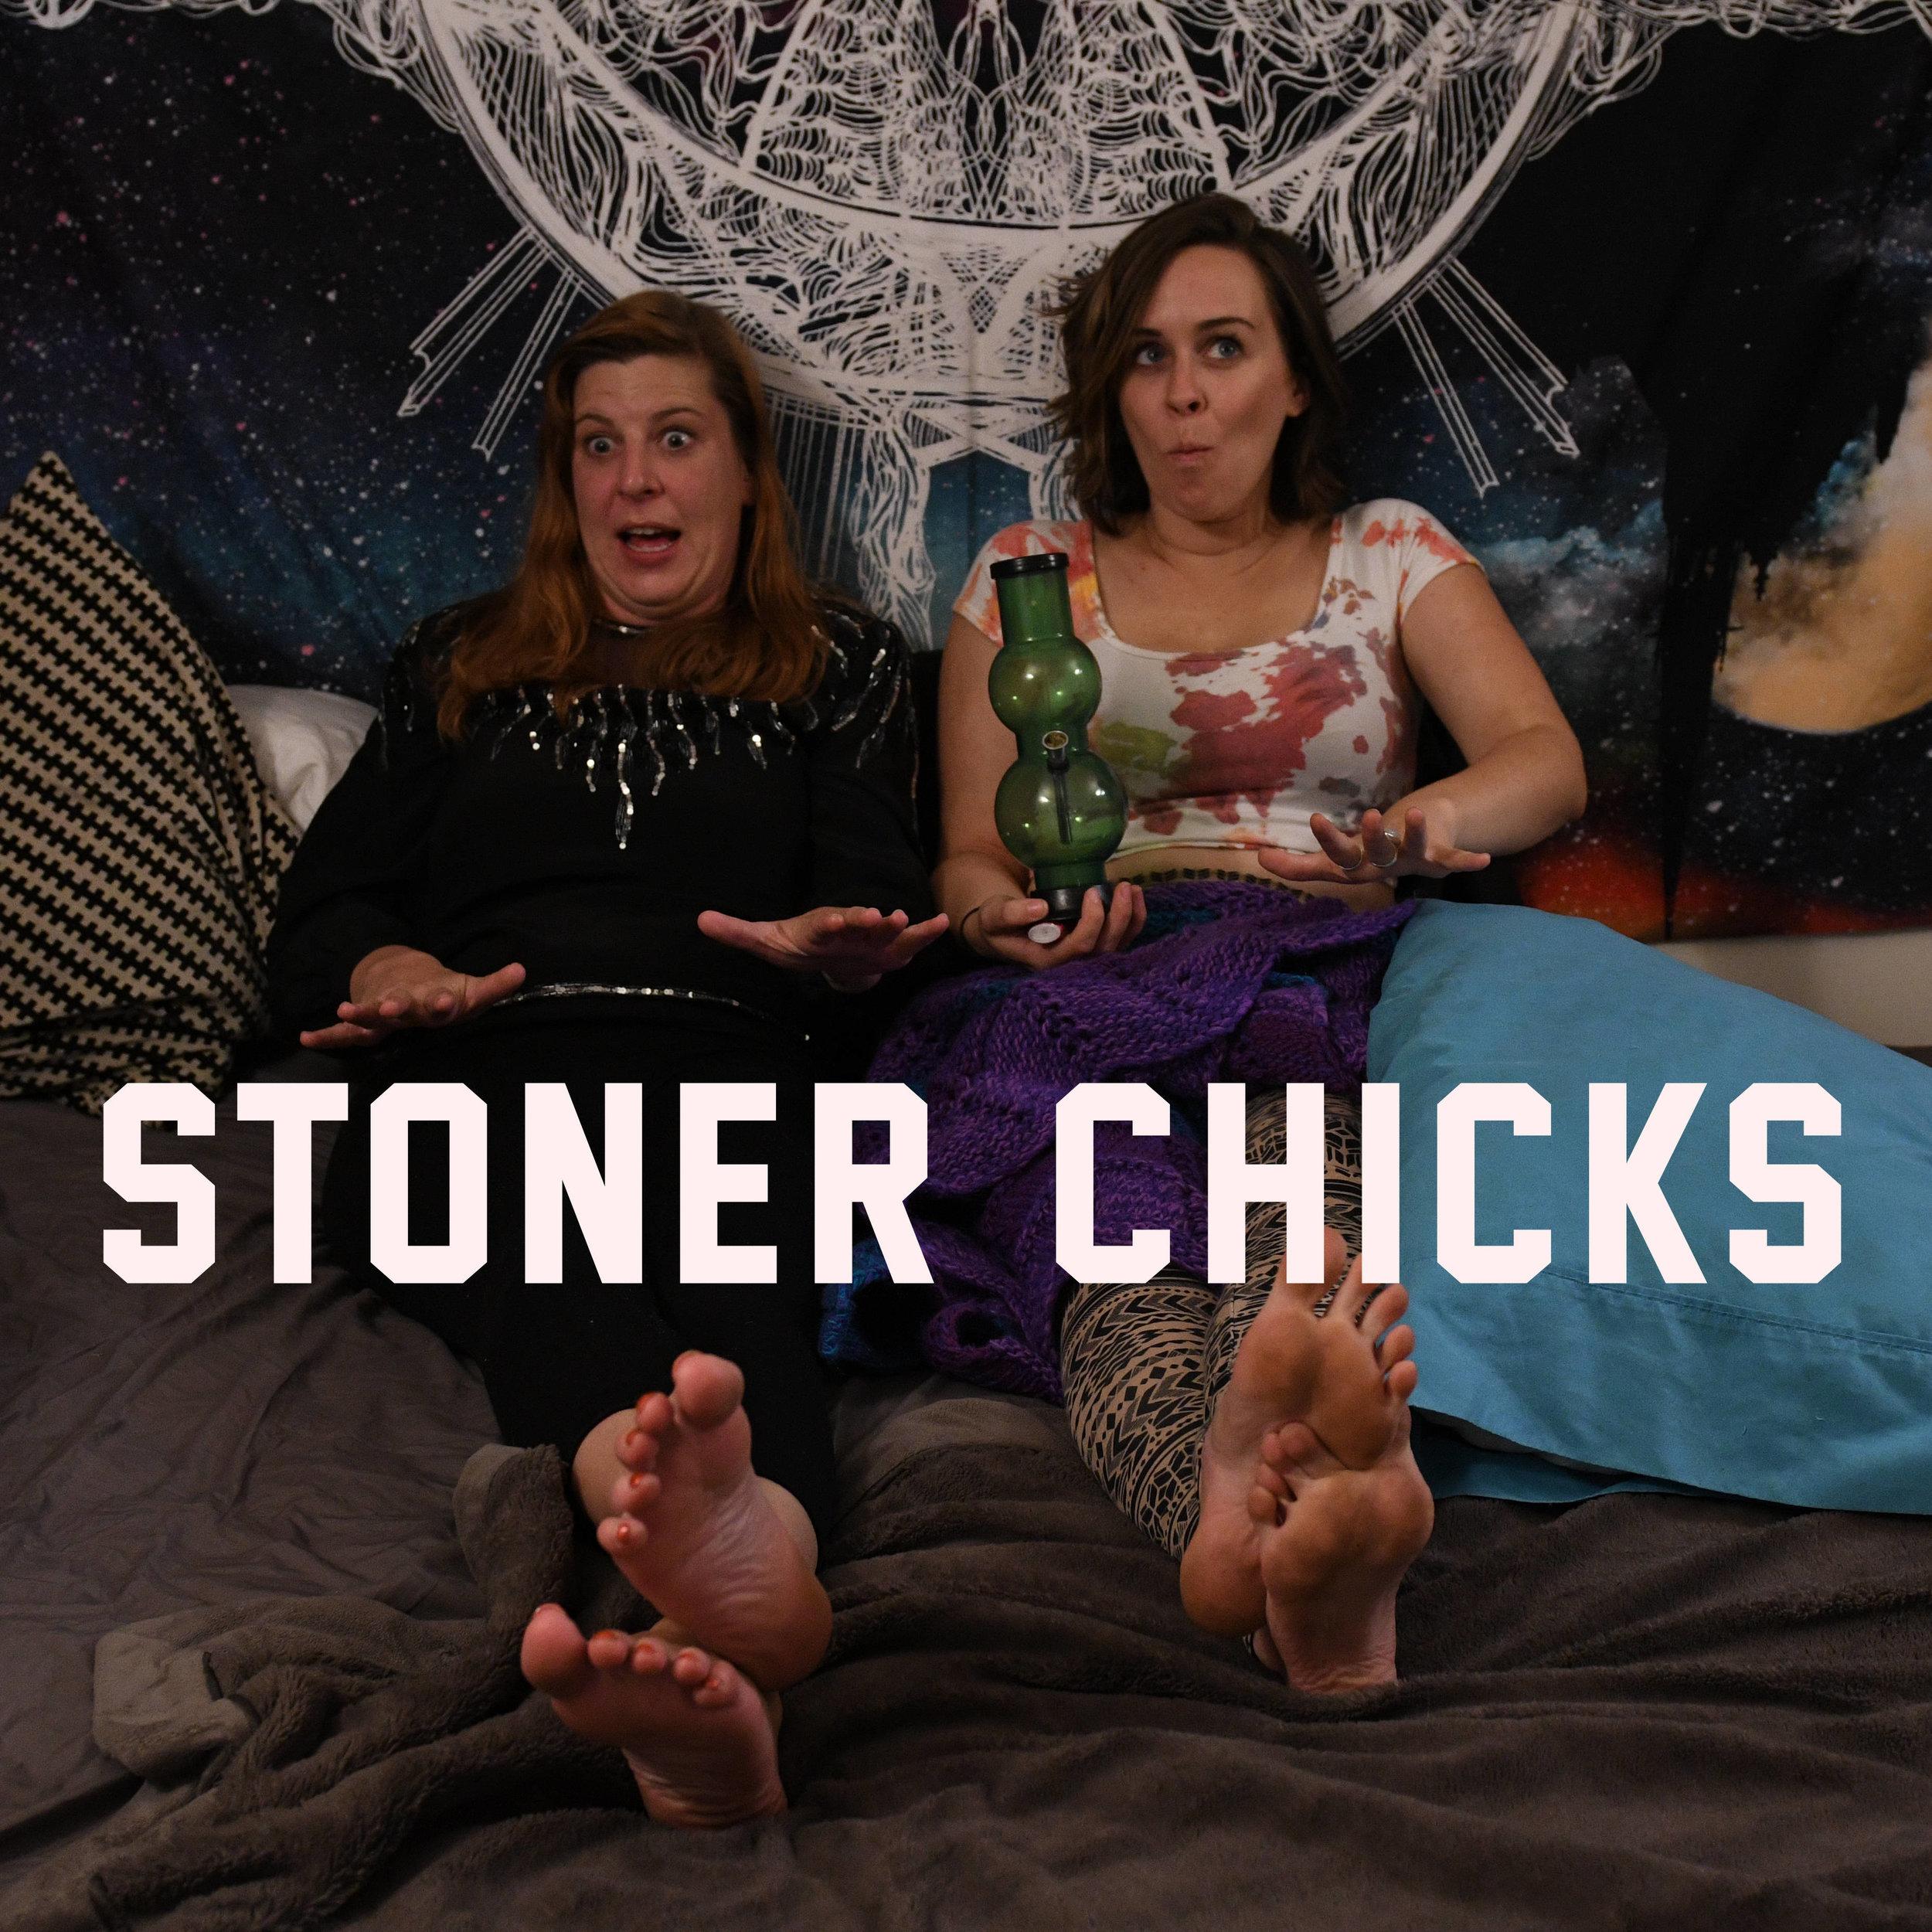 stoner chicks insta new.jpg